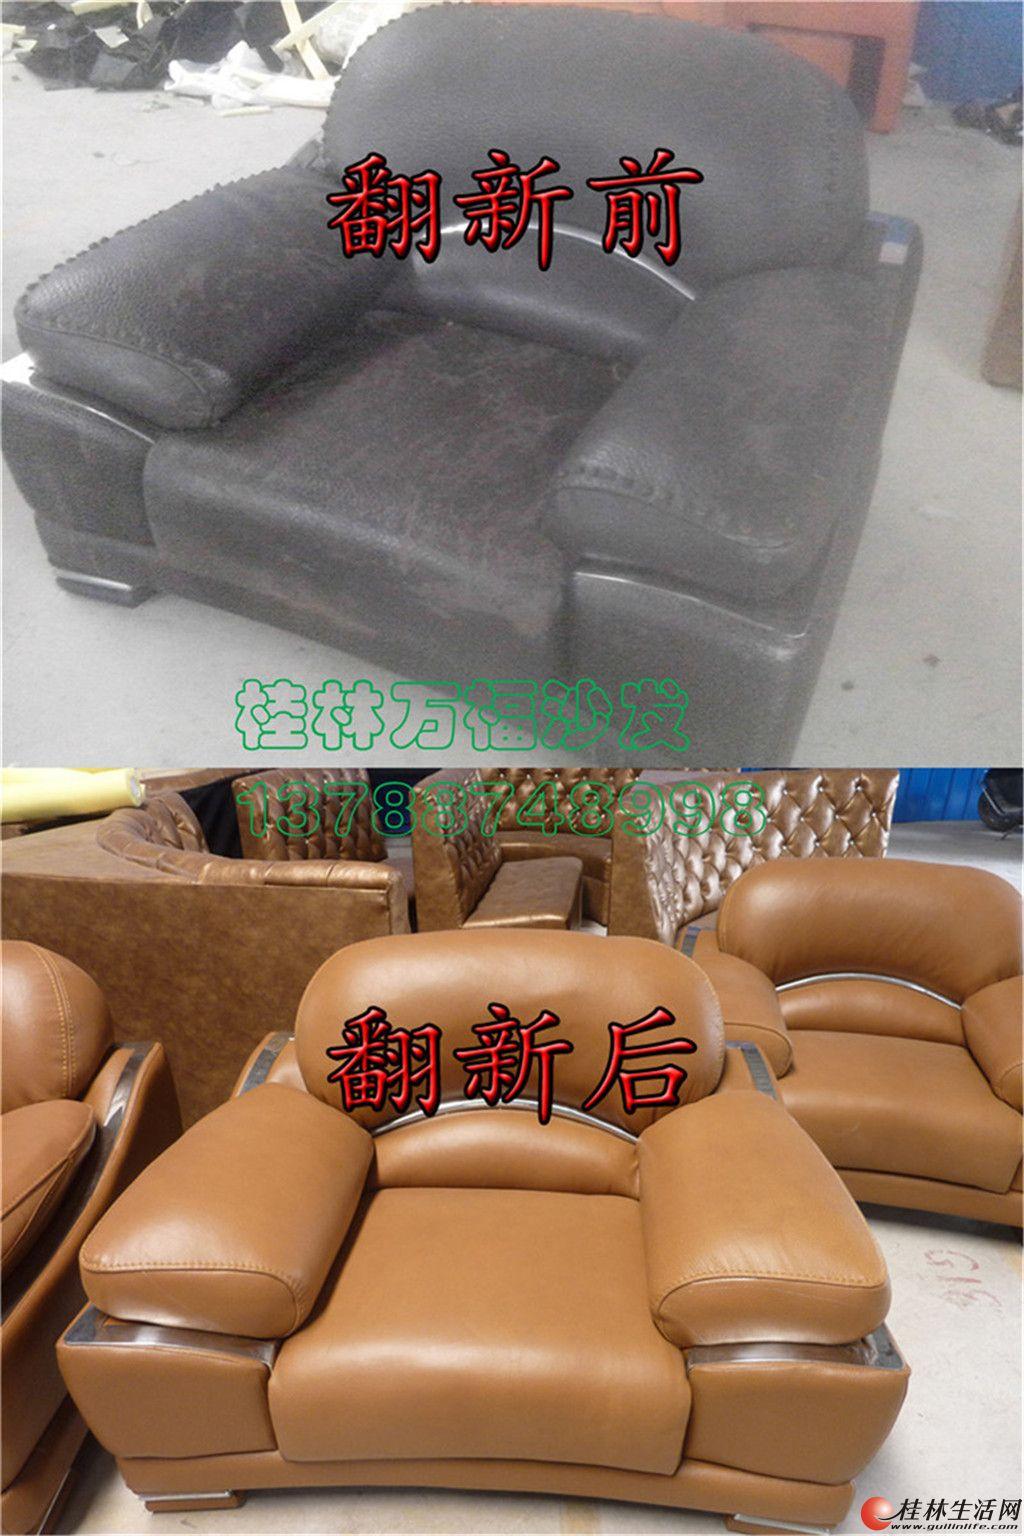 供应桂林雅斯辰家具有限公司临桂现代布艺沙发